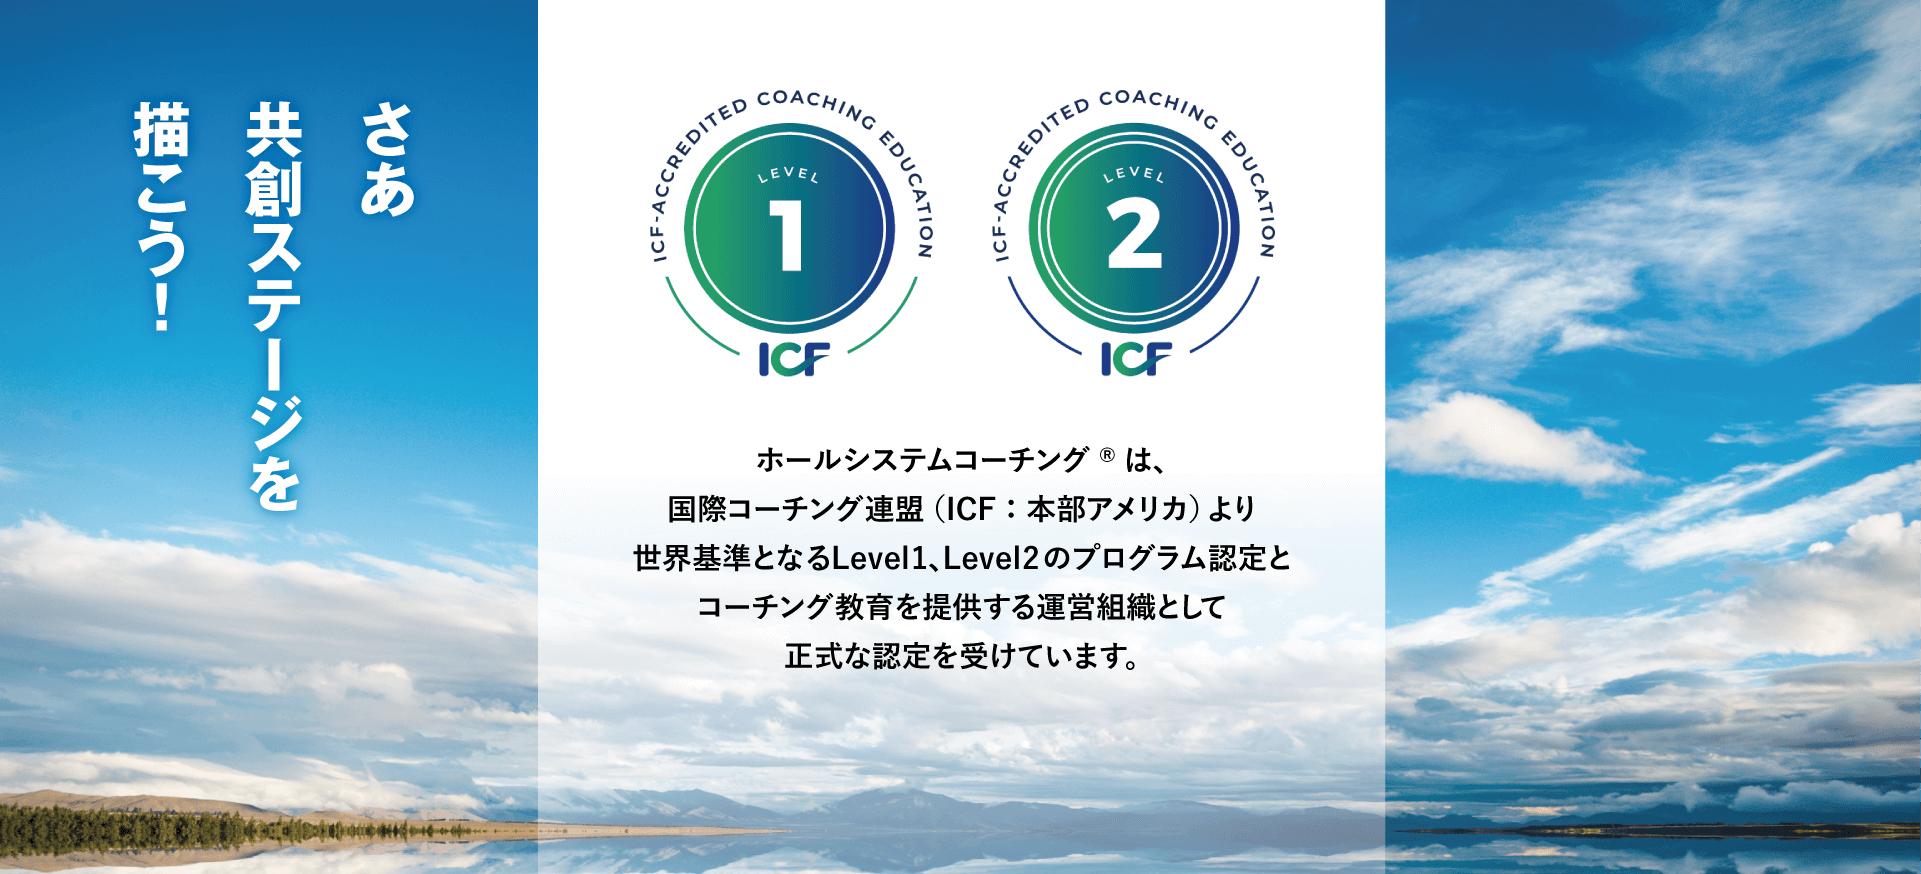 さあ共創ステージを描こう! ACTP:Accredited Coach Training Program ホールシステムコーチング®は、国際コーチ連盟(ICF:本部アメリカ)から正式に認定されたコーチ・トレーニング・プログラム(ACTP:Accredited Coach Training Program)です。